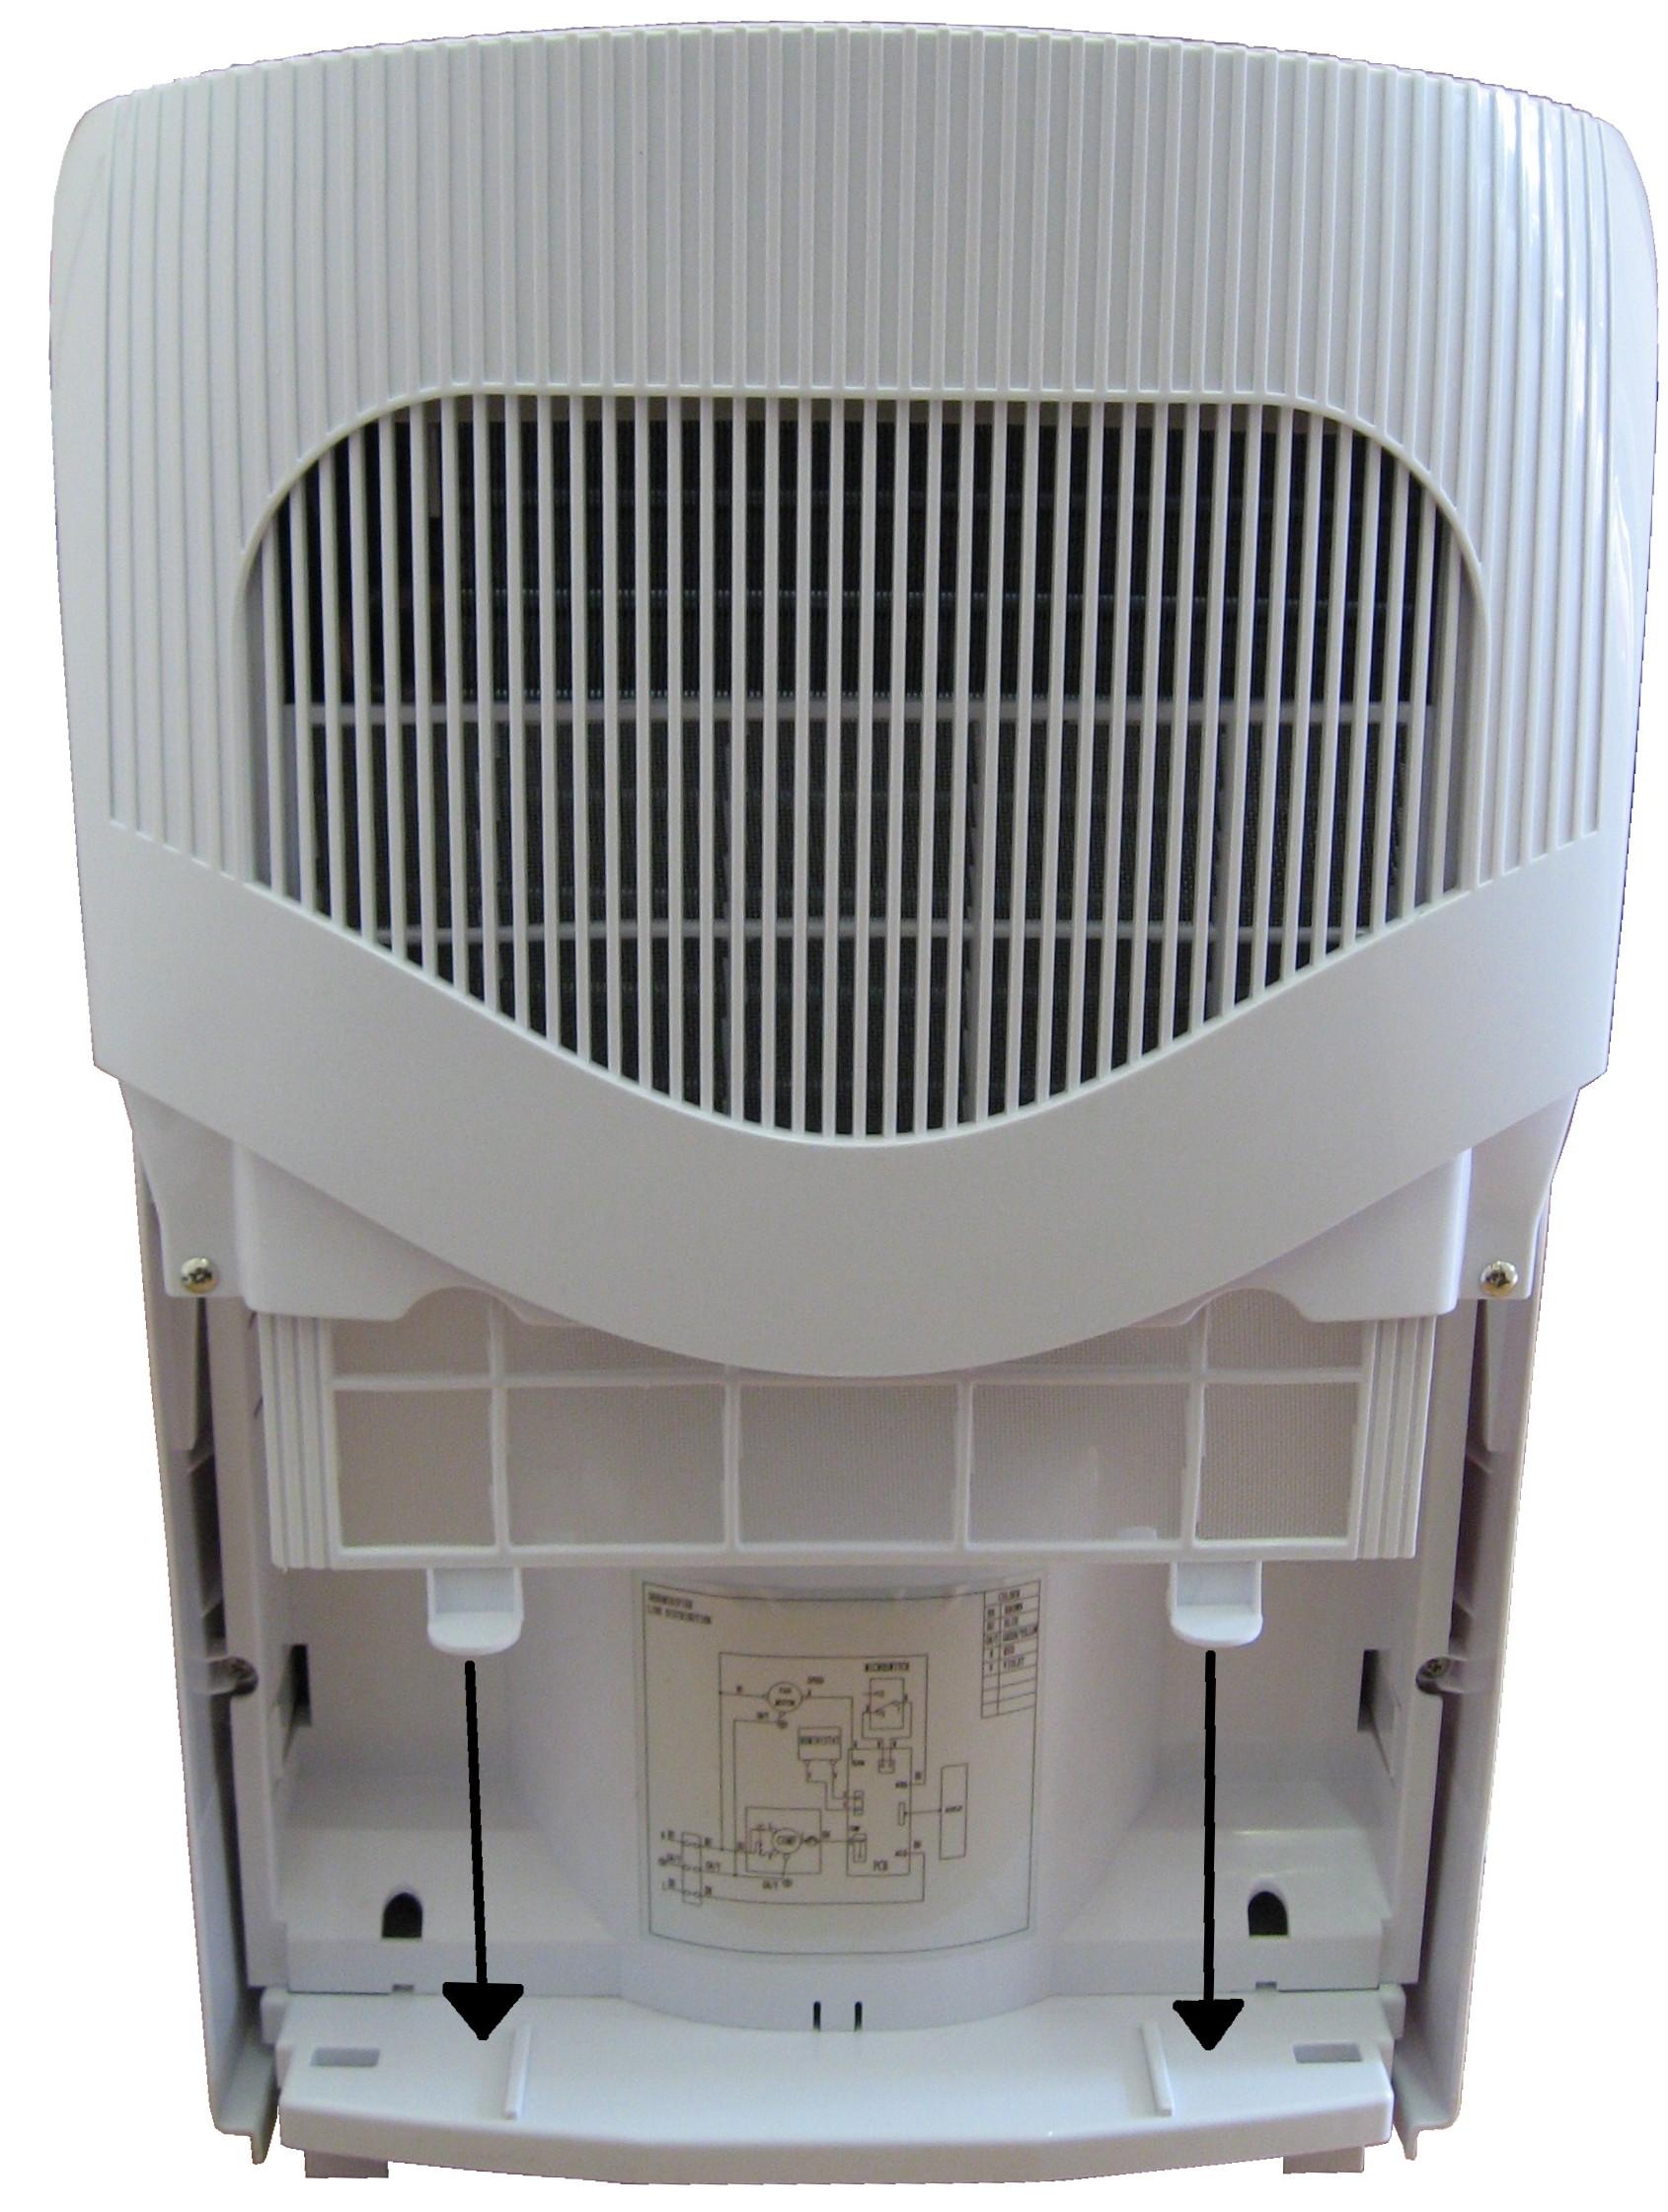 Luftentfeuchter Entfeuchter Bautrockner Raumentfeuchter Trockner 10l/Tag NEU OVP*90373 Bild 3